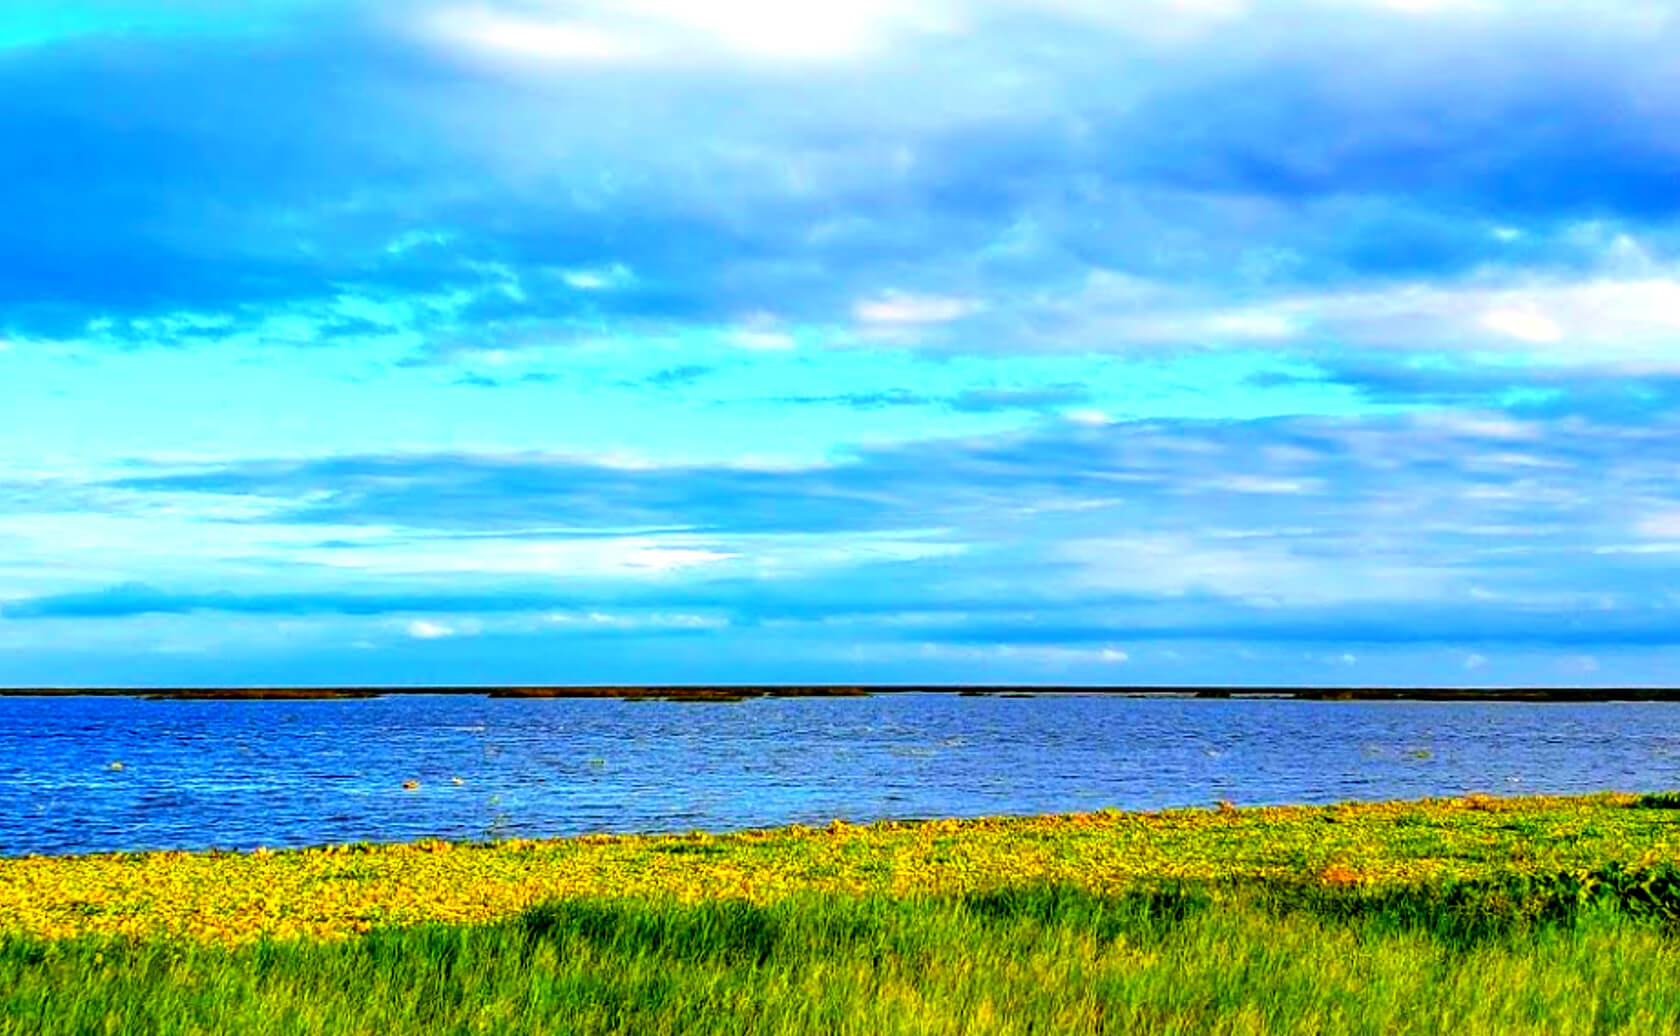 Okeechobee-Lake-Fishing-Guide-Report-Florida-03